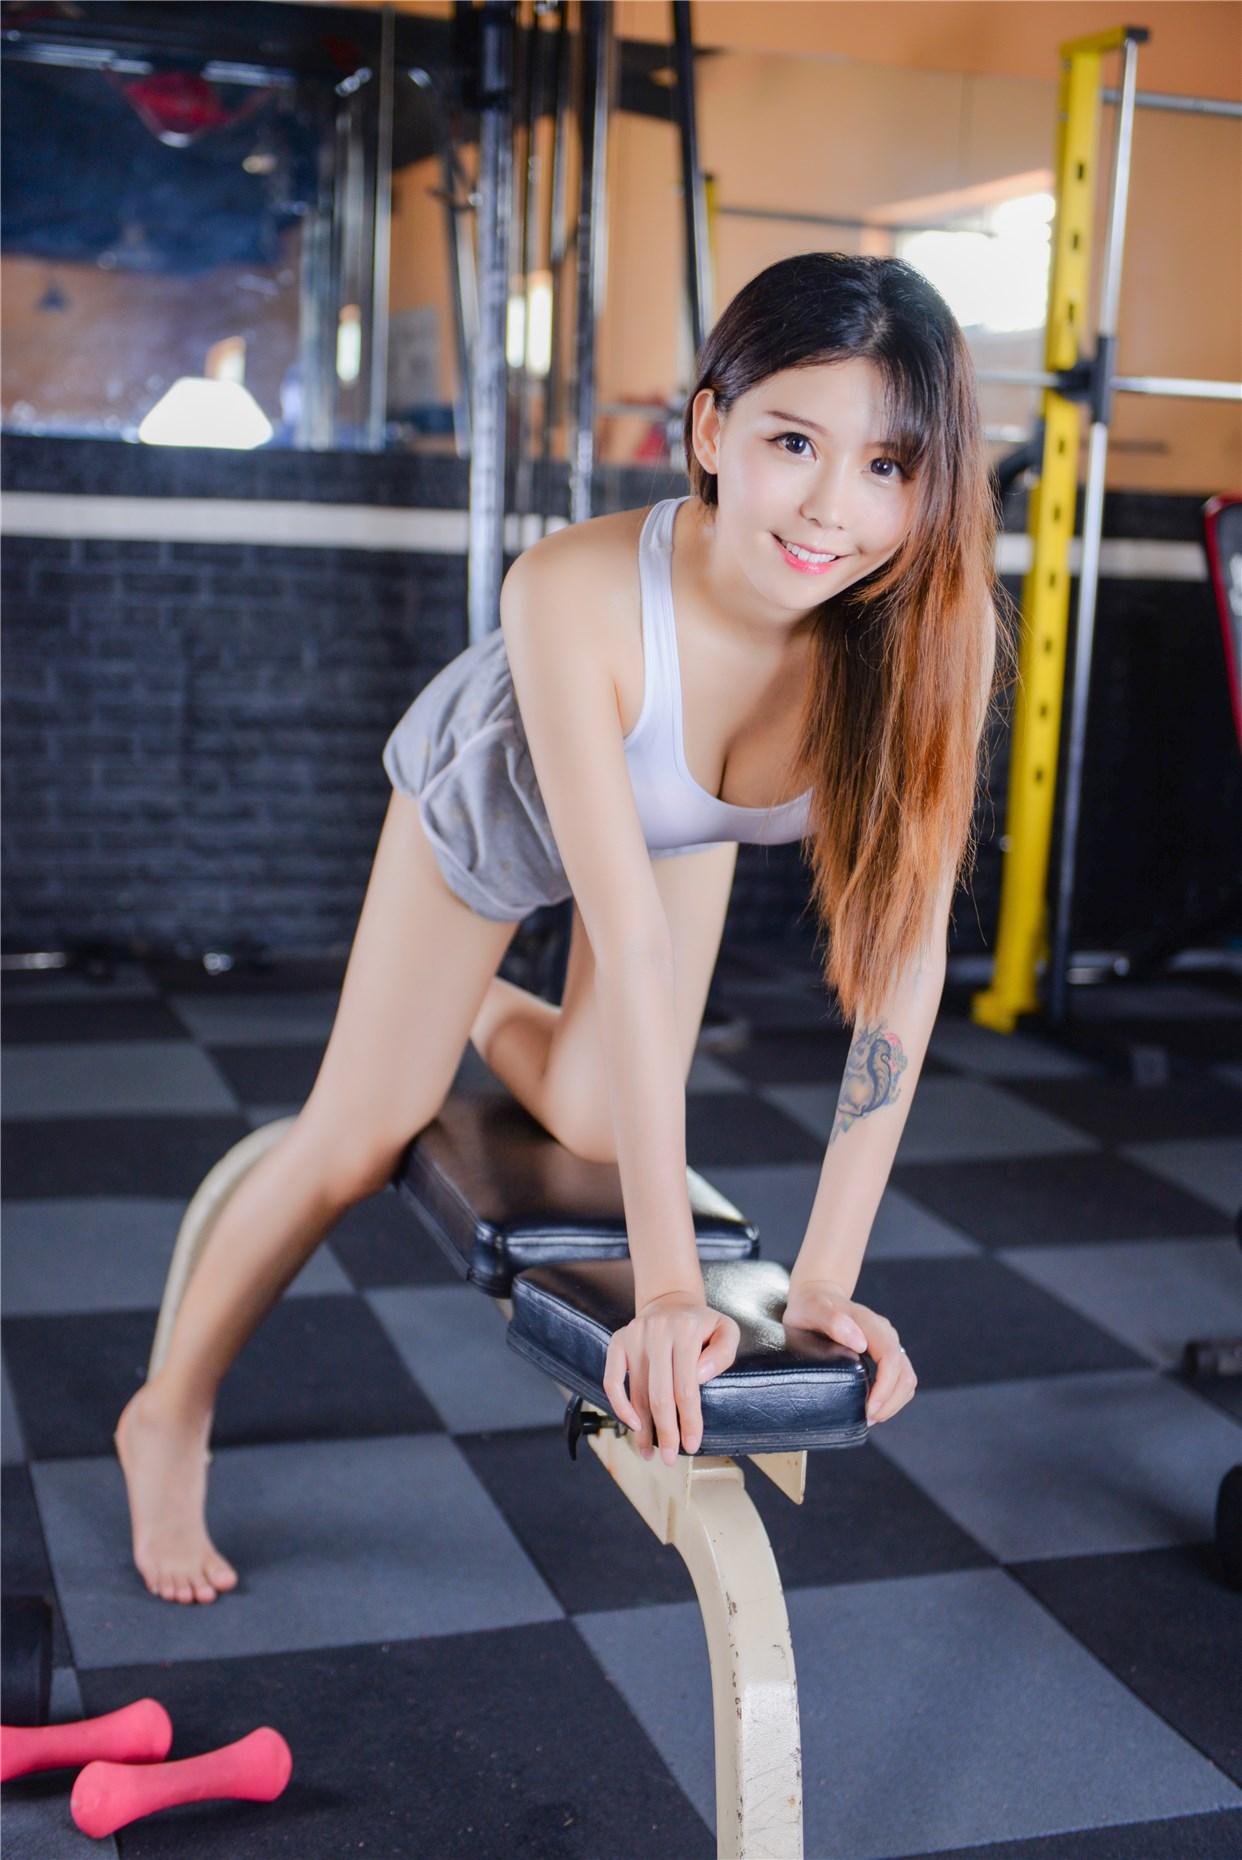 【兔玩映画】健身房的美少女 兔玩映画 第23张